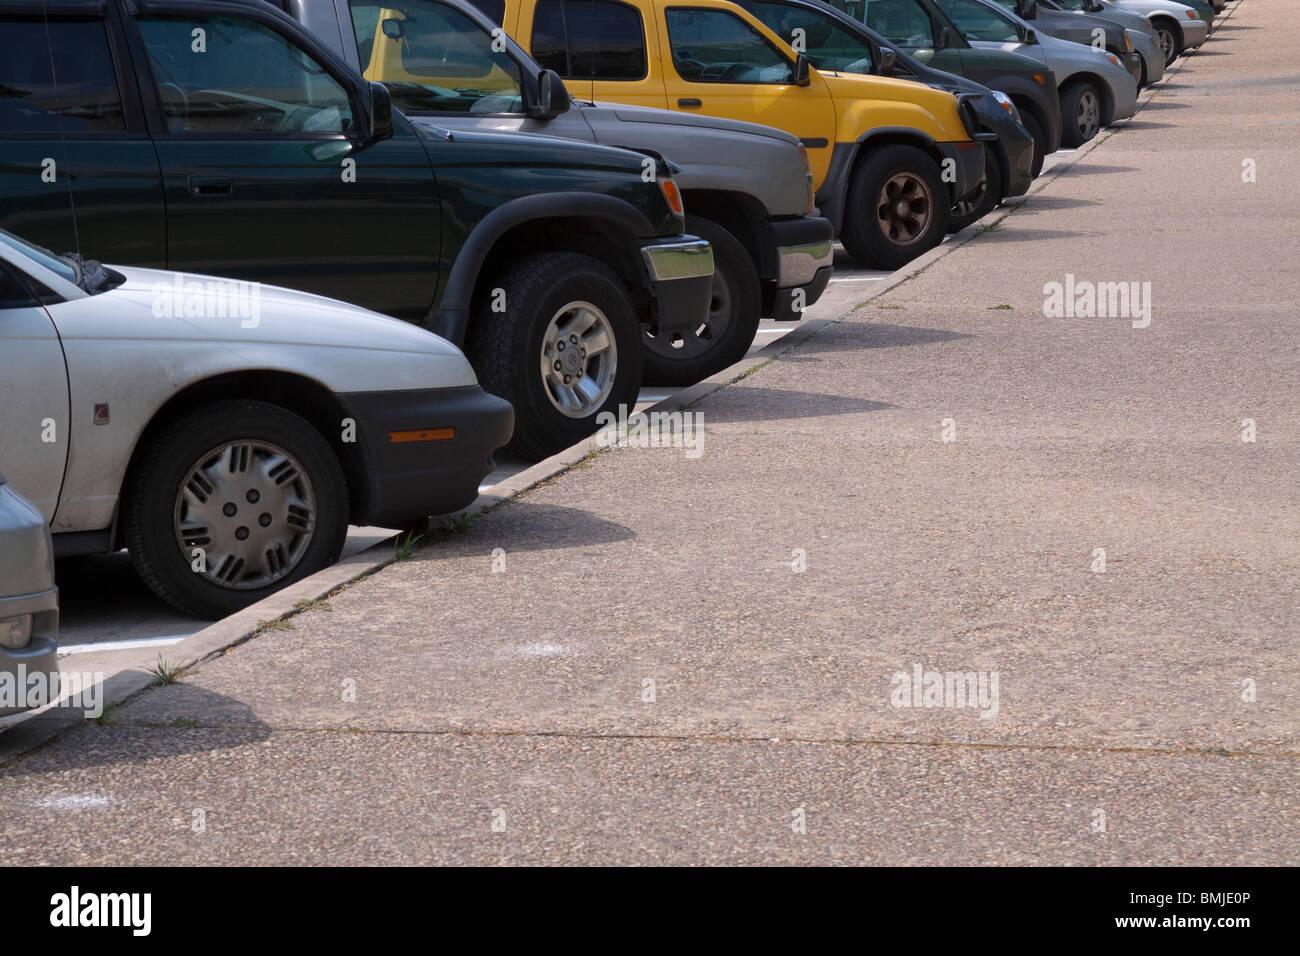 Fila de coches y SUVs diagonalmente estacionados a lo largo de un bordillo con un SUV de color amarillo brillante Imagen De Stock